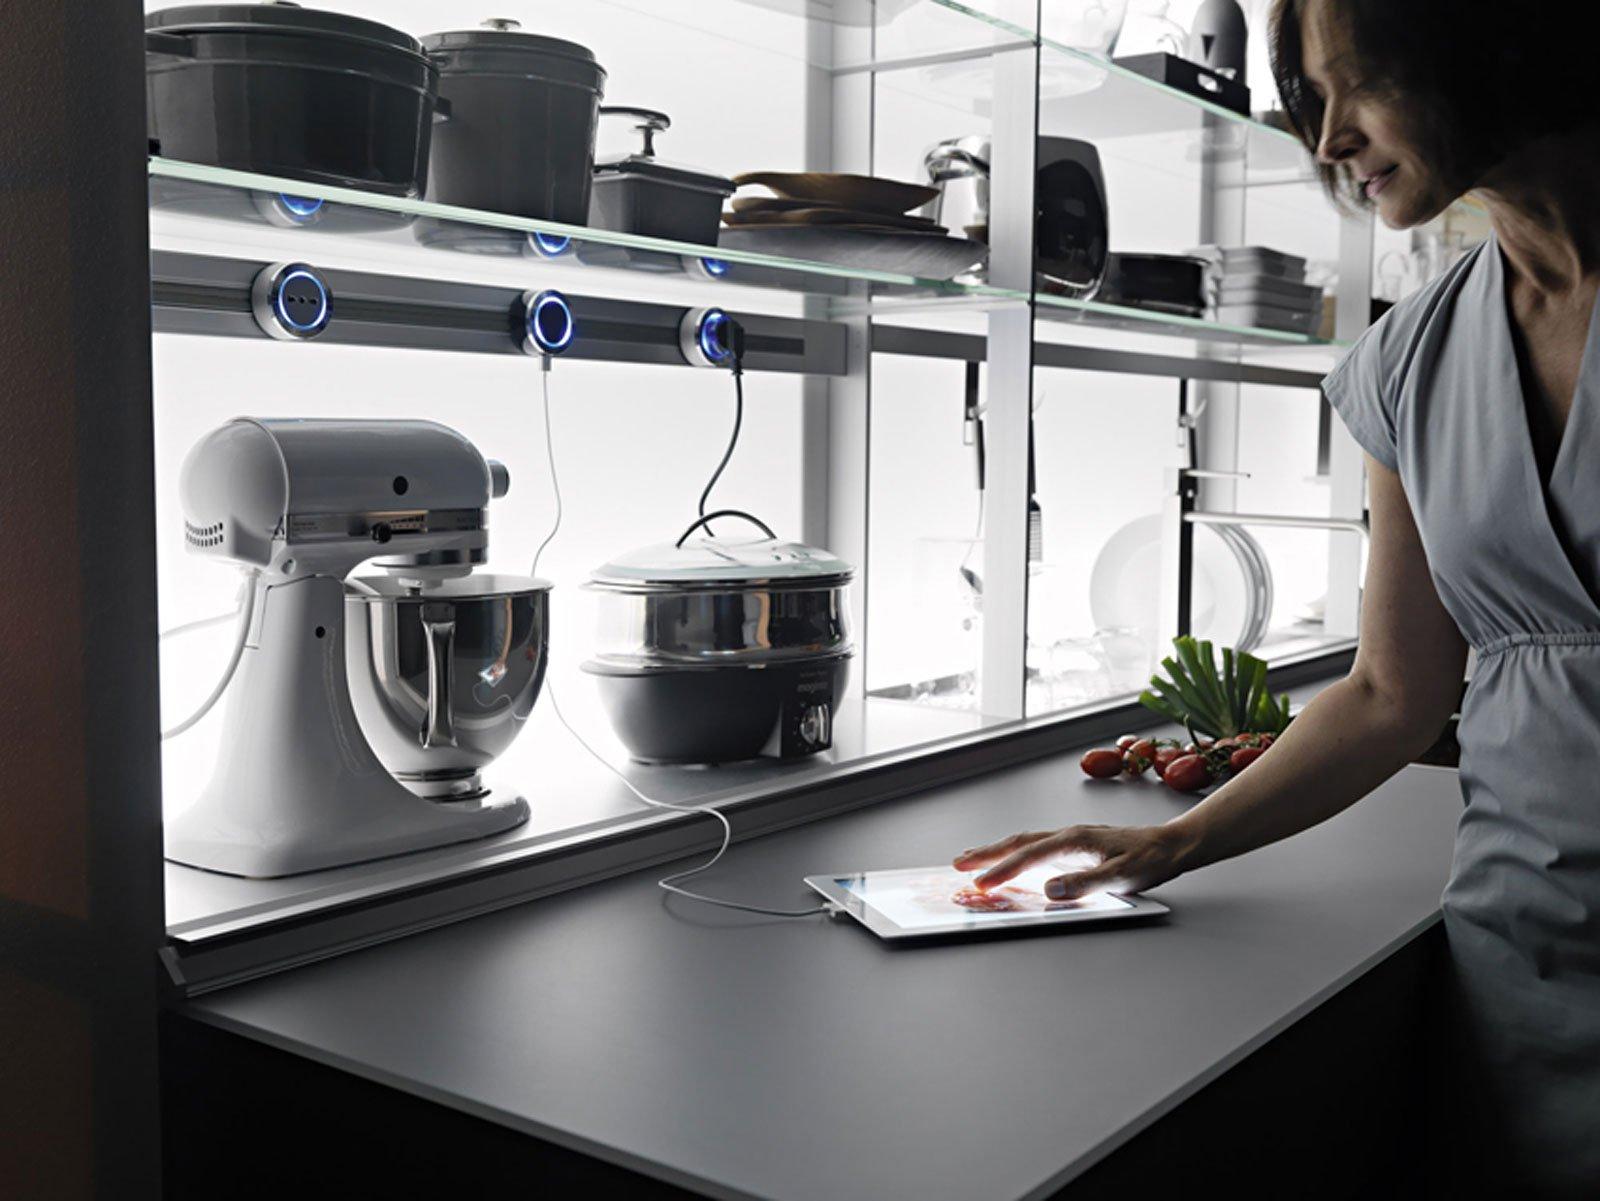 mobili da cucina senza elettrodomestici ~ mobilia la tua casa - Cucina Elettrodomestici